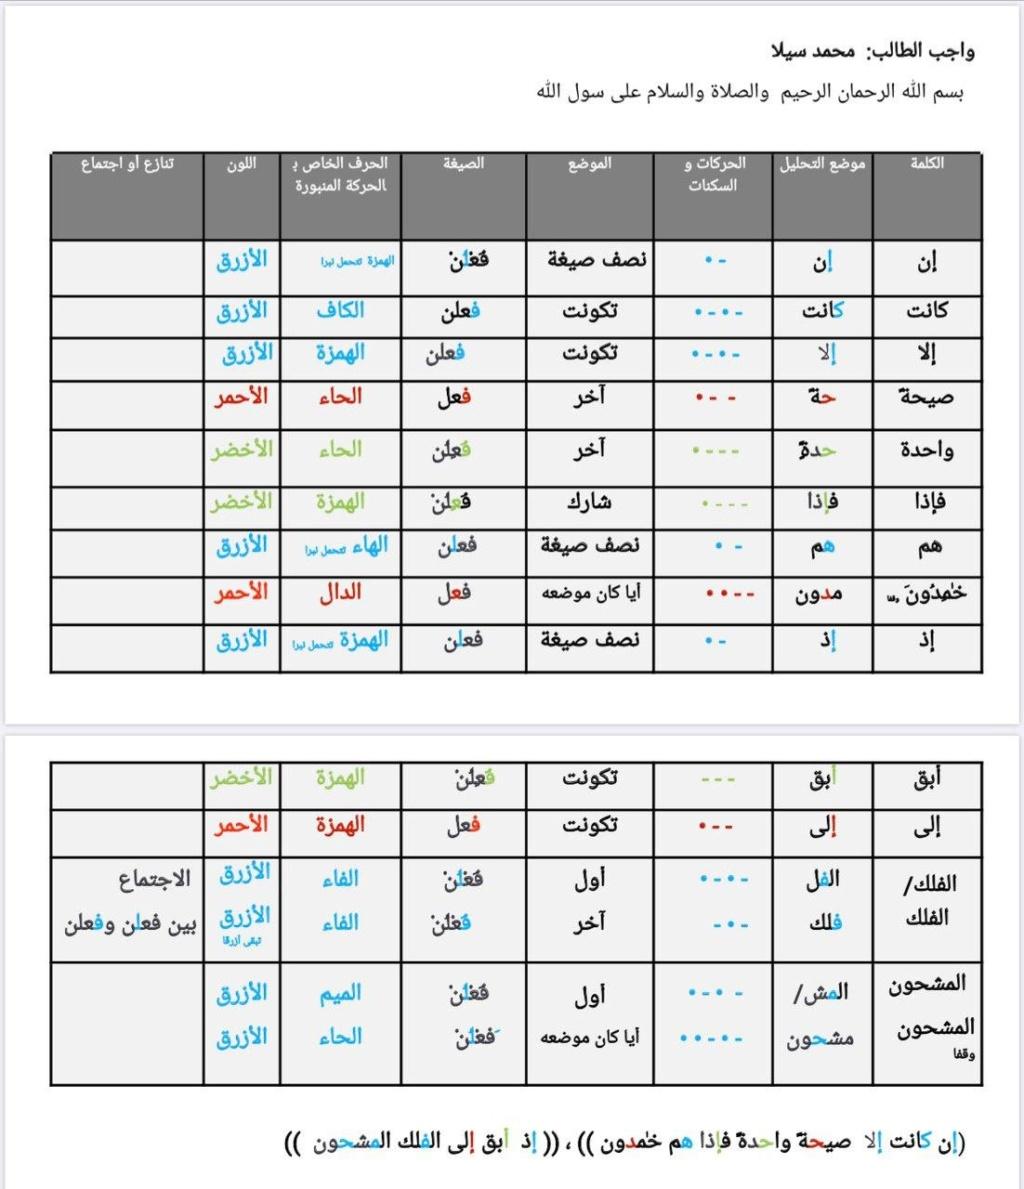 الواجب الخامس/ الدورة الرابعة Ayac_o34